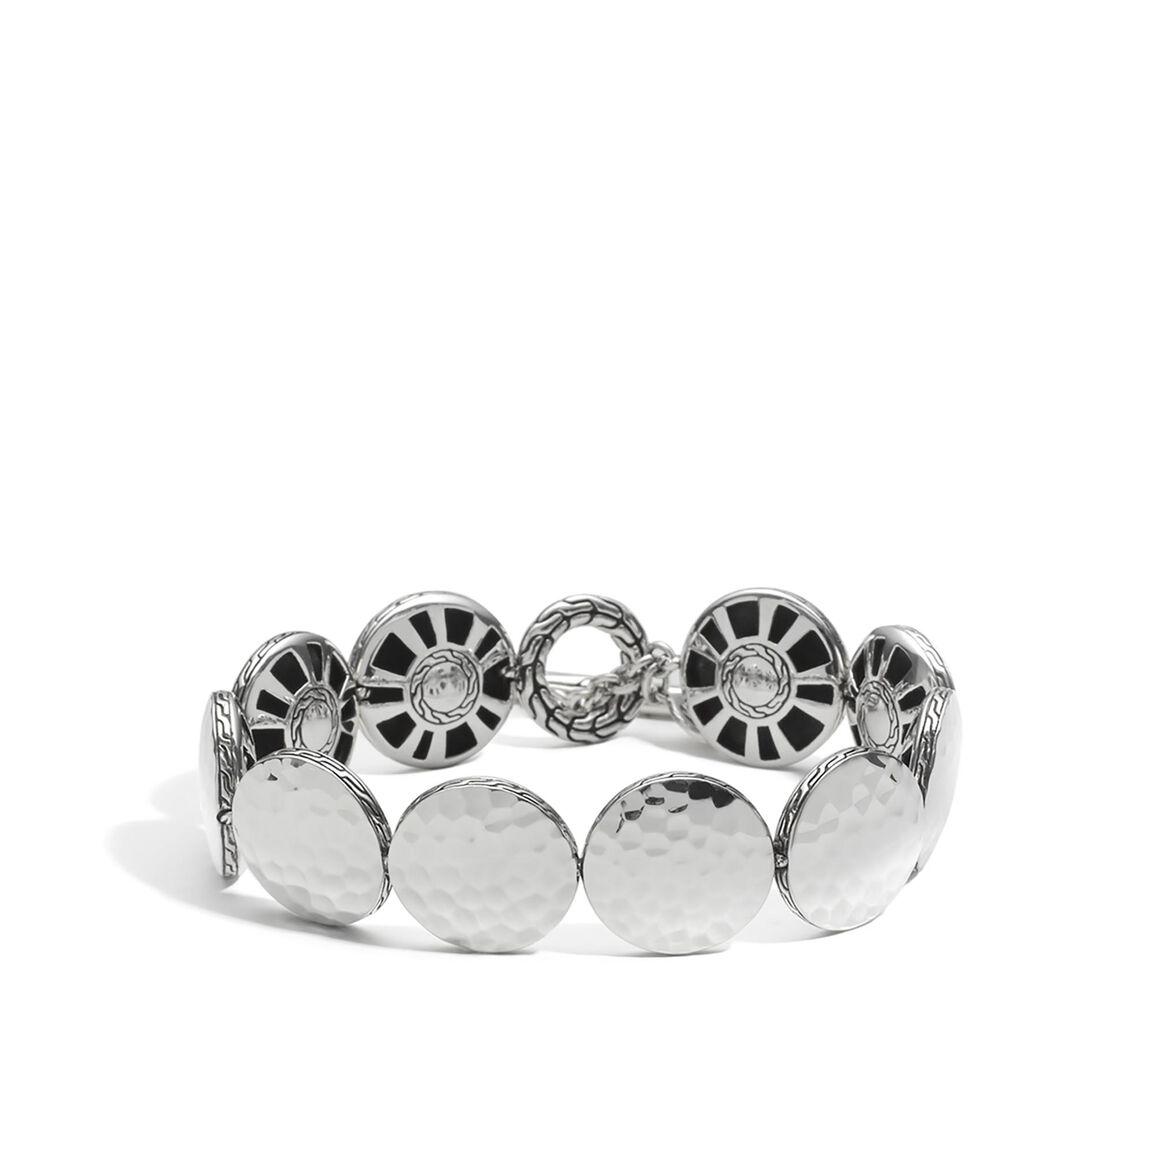 Dot 16.5MM Link Bracelet in Hammered Silver